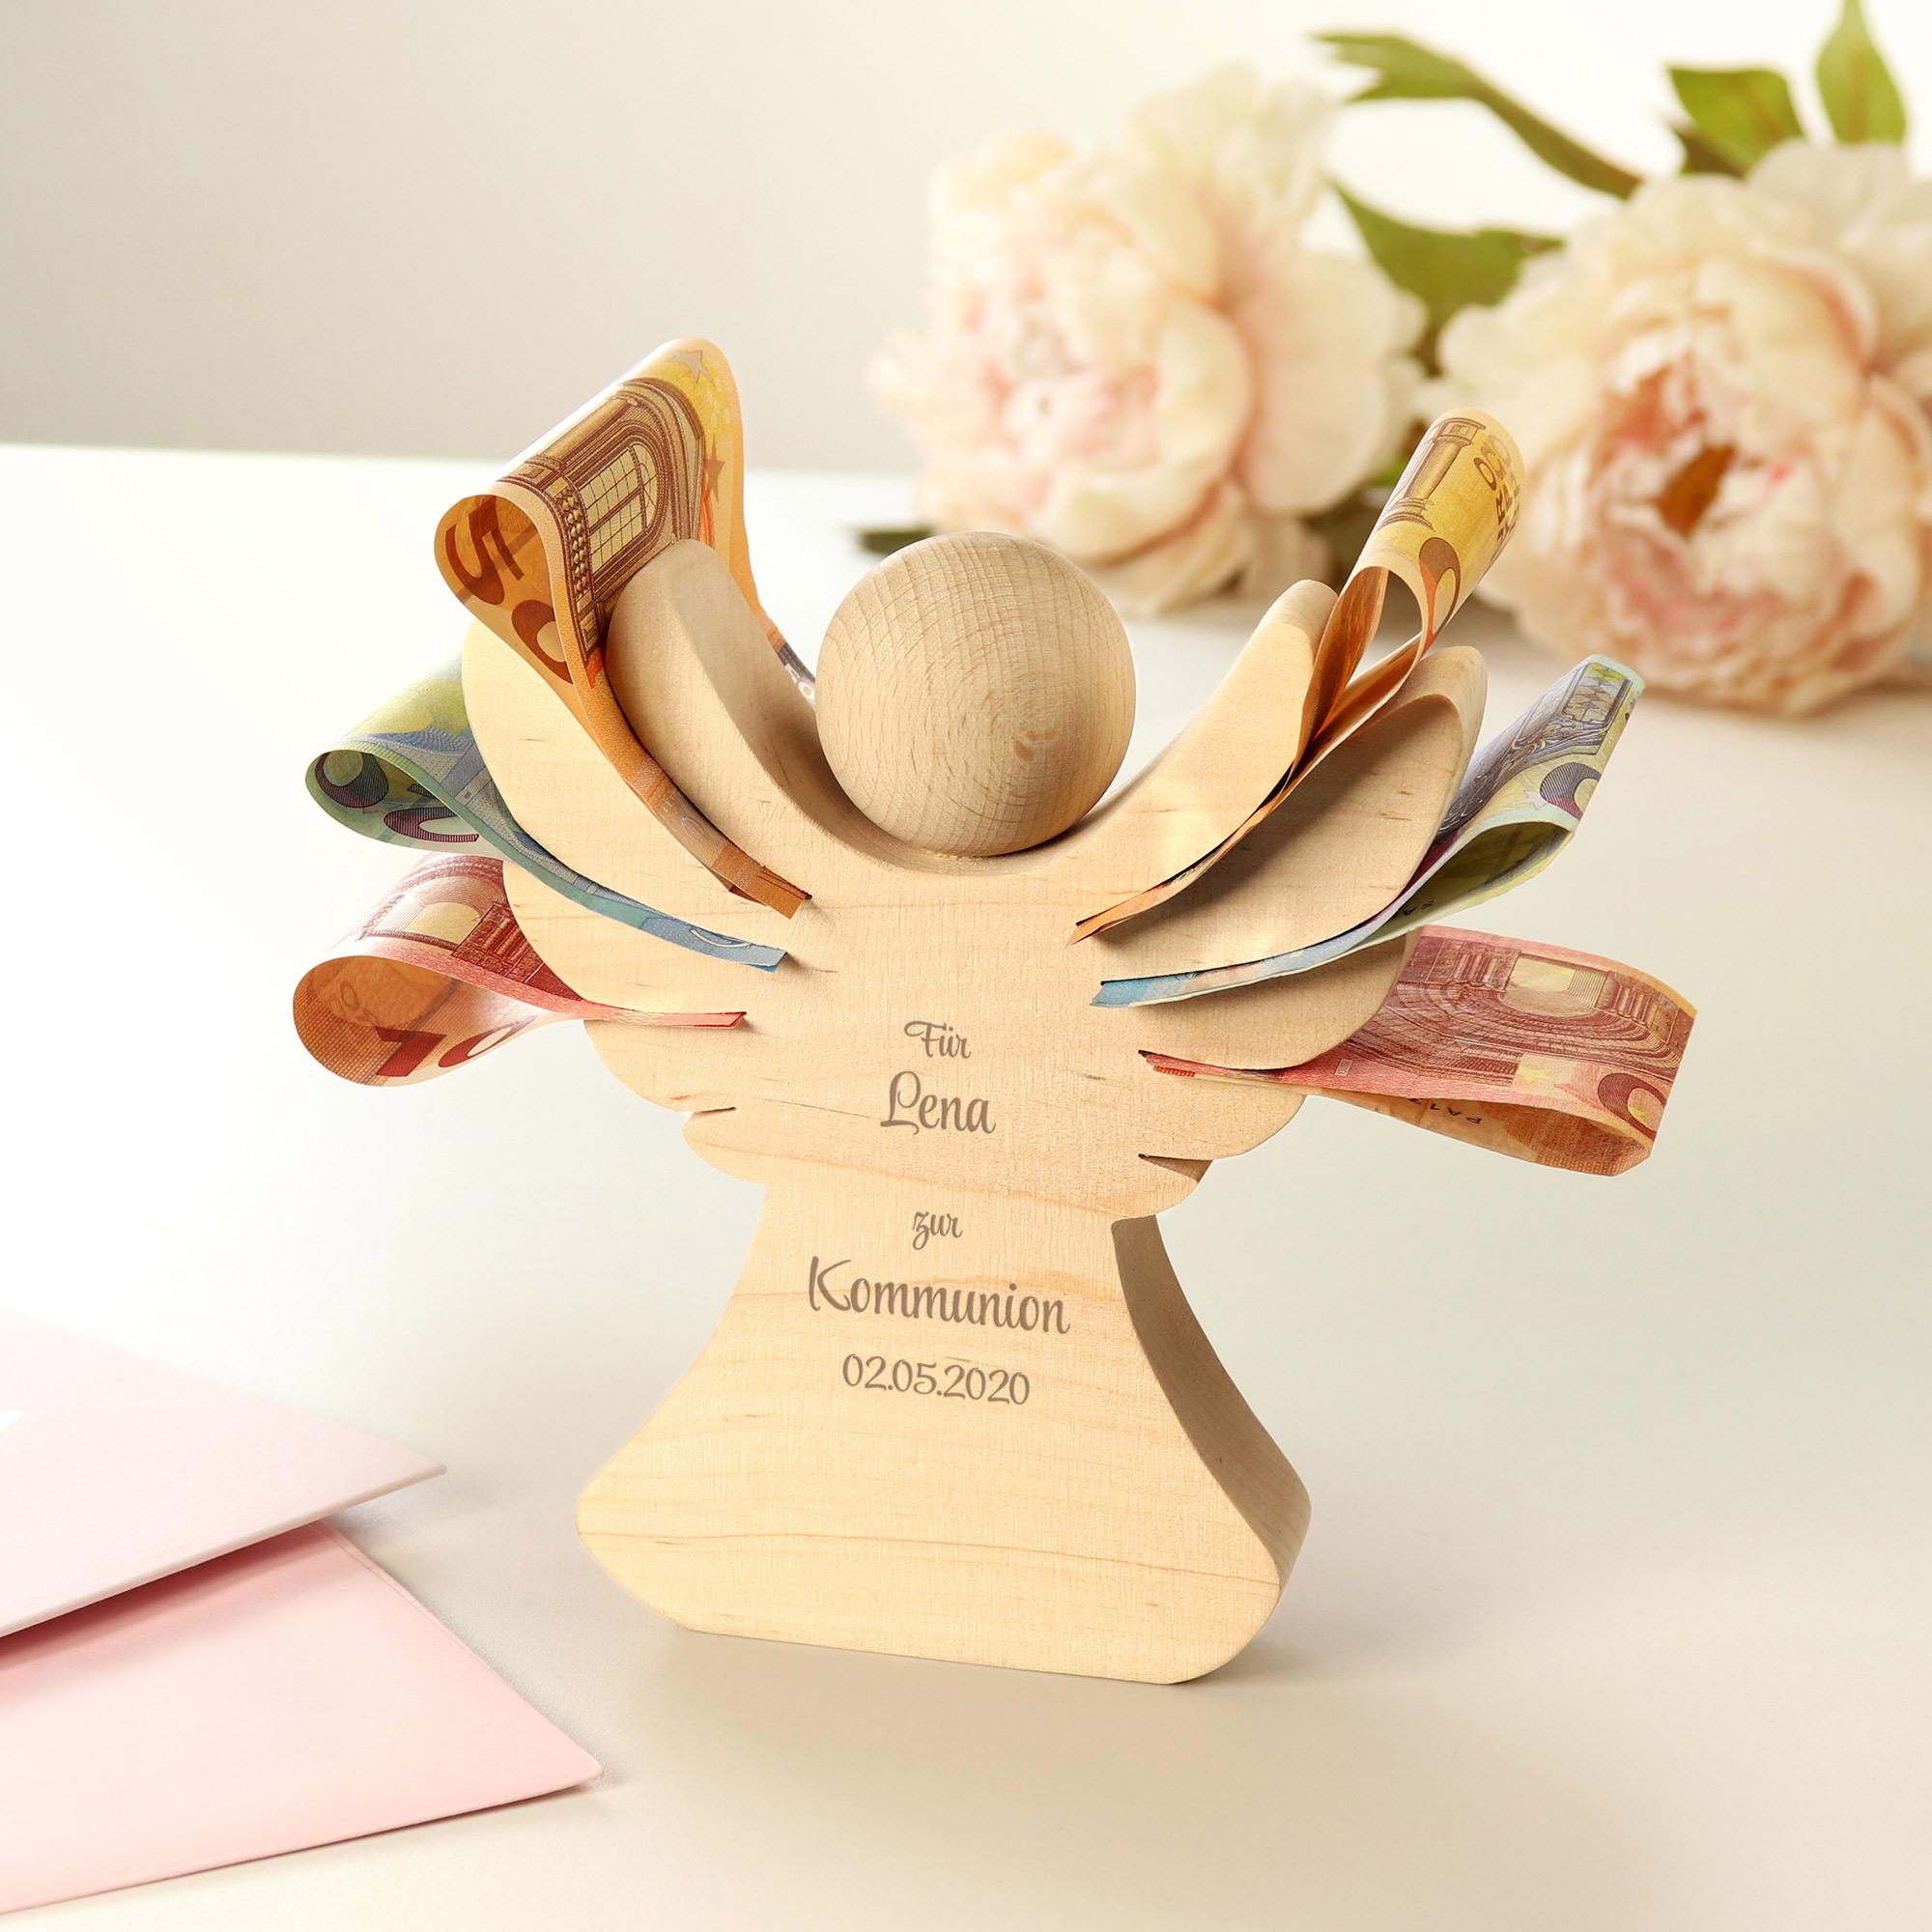 Frauen geldgeschenke verpackt für schön Geldgeschenke verpacken: